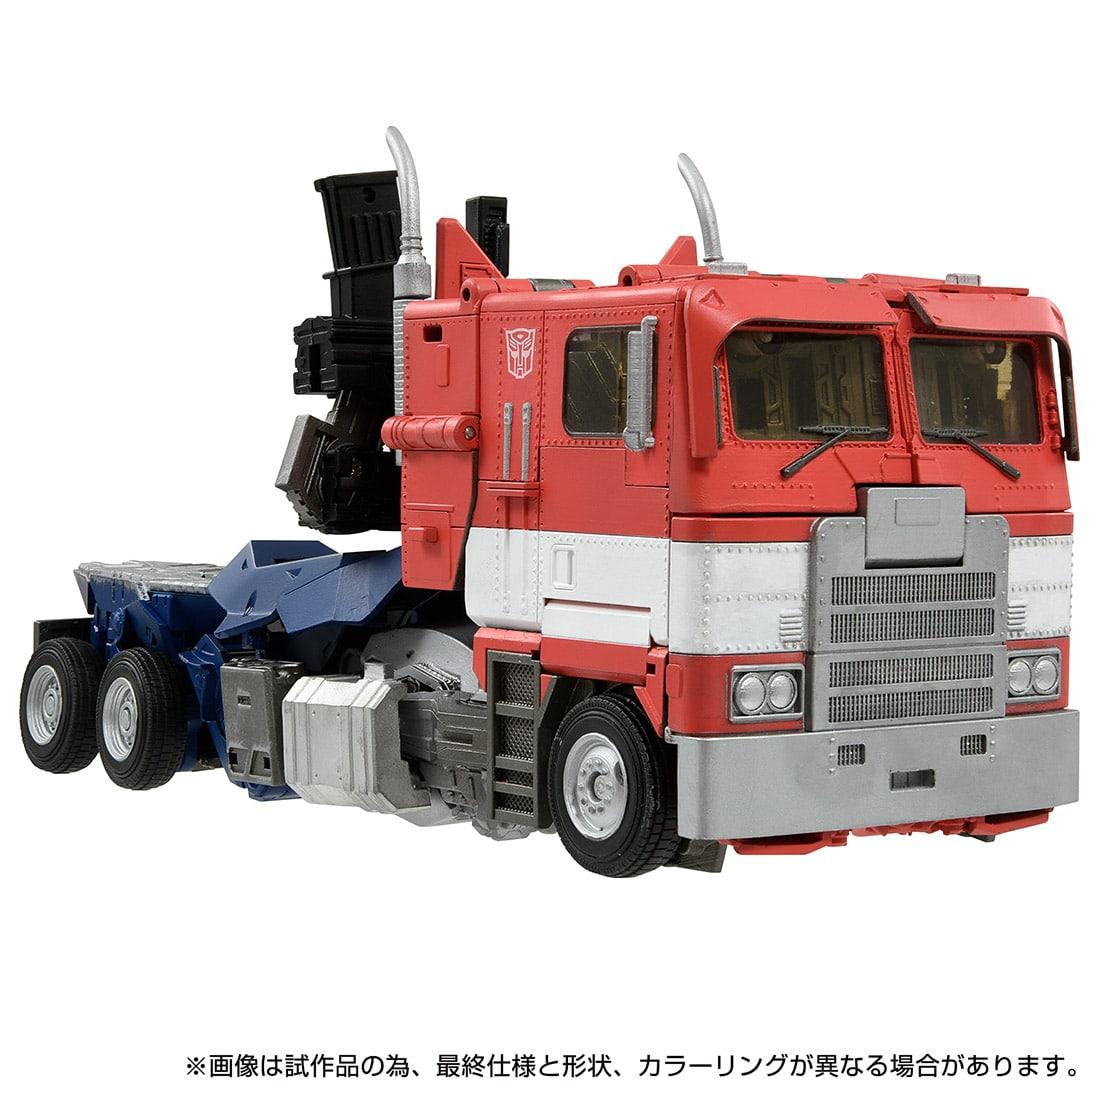 マスターピース『MPM-12 オプティマスプライム』トランスフォーマー 可変可動フィギュア-006